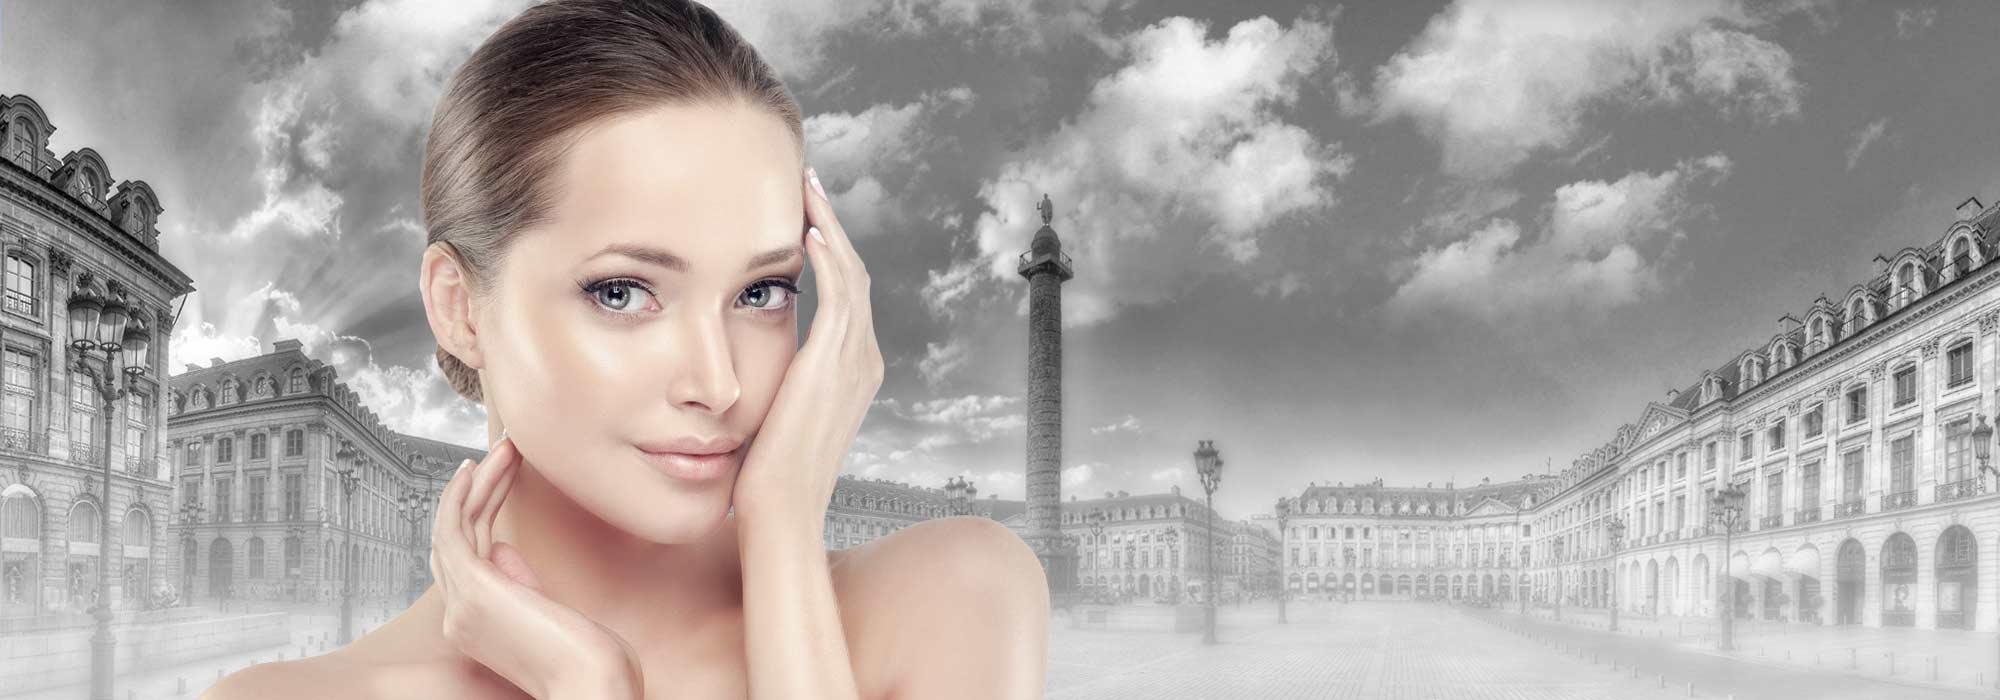 Médecine esthétique Paris Dr Cozanet